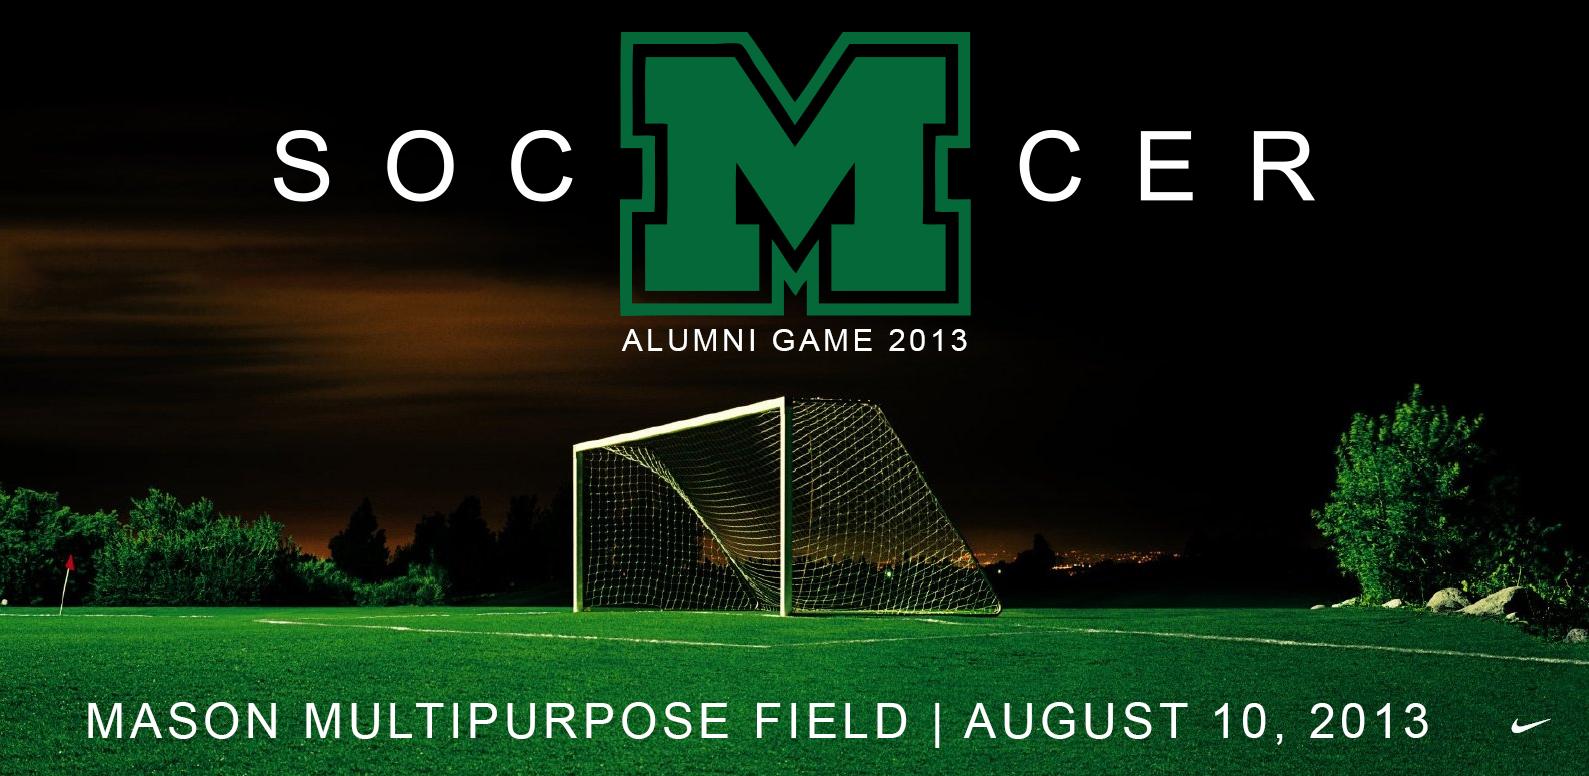 Alumni Soccer Game Alumni Game | Mason Comets